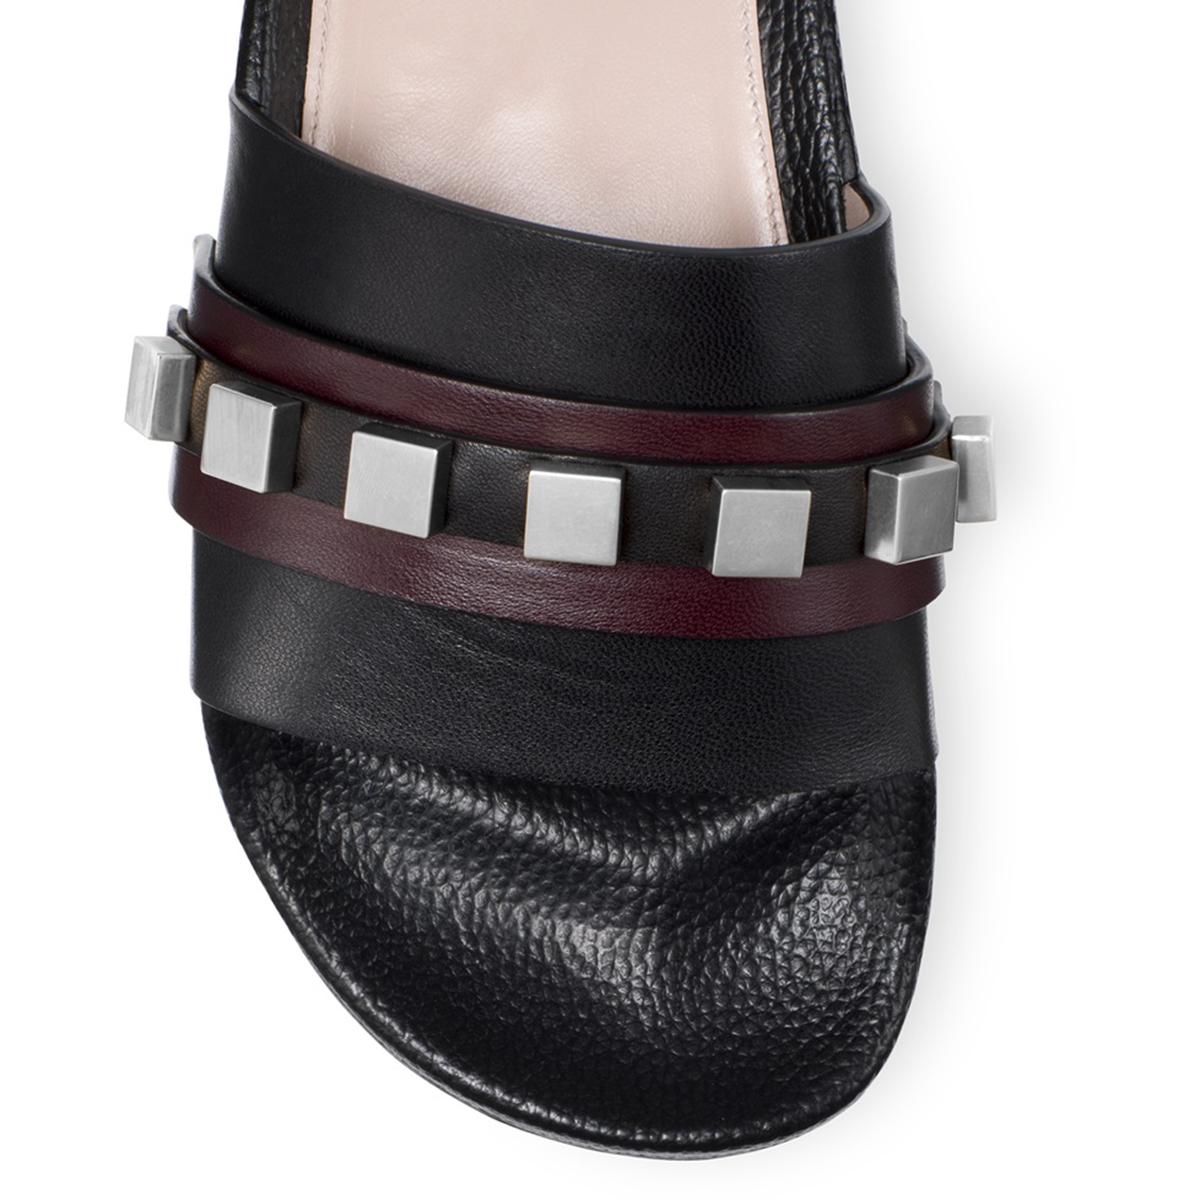 SW sandals top